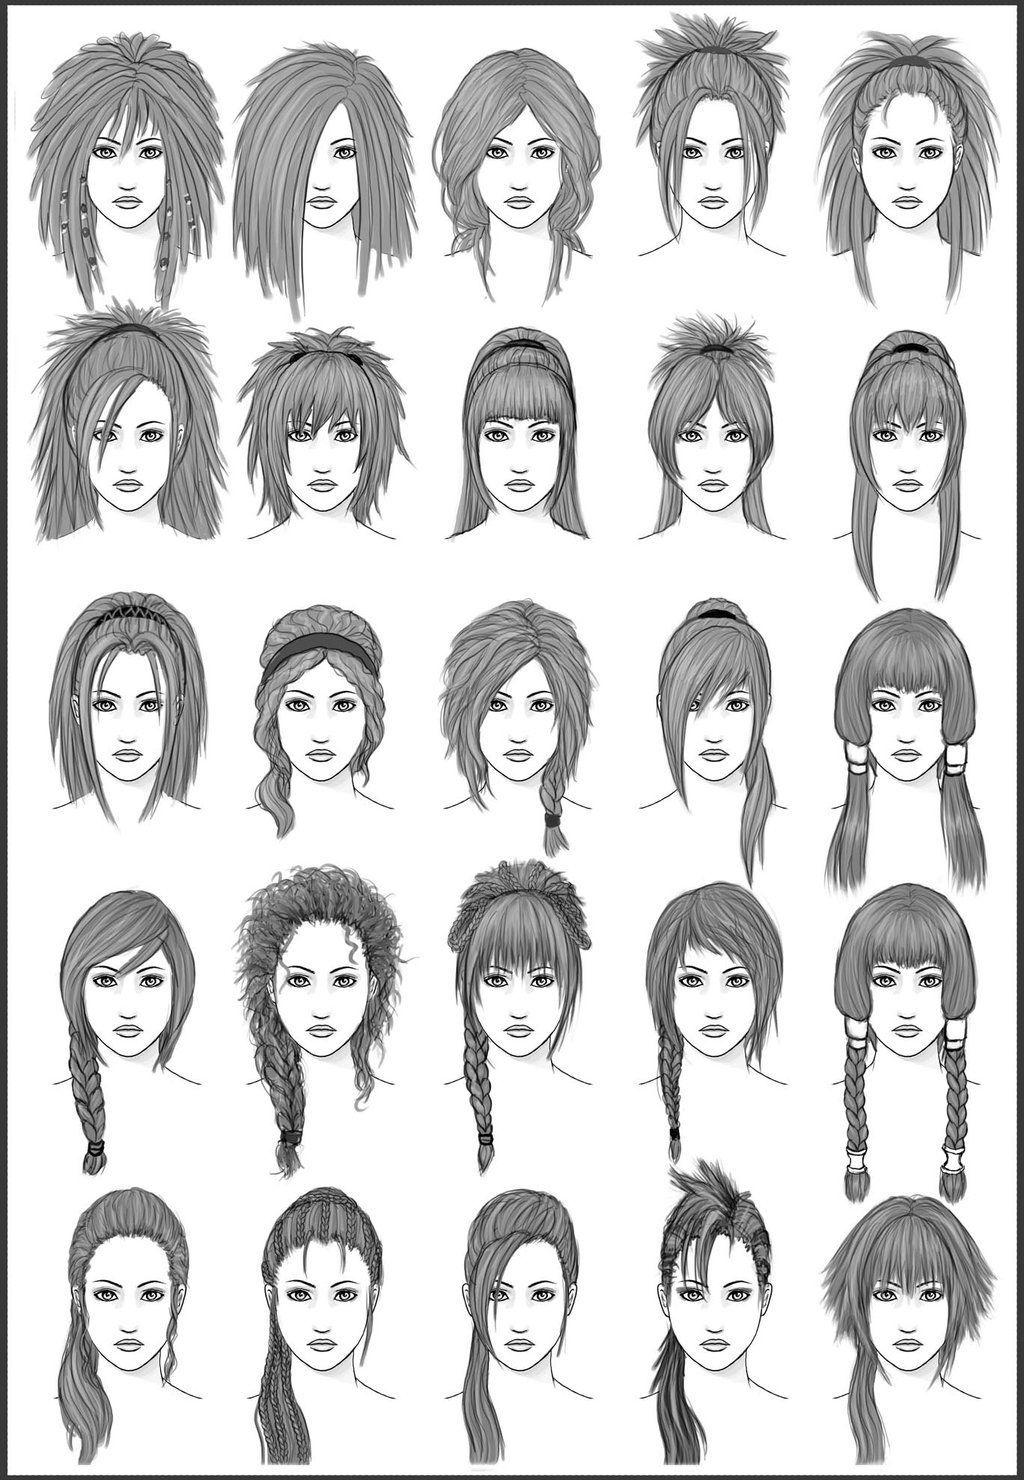 Women S Hair Set 3 By Dark Sheikah Deviantart Com On Deviantart How To Draw Hair Hair Sketch Hair Setting